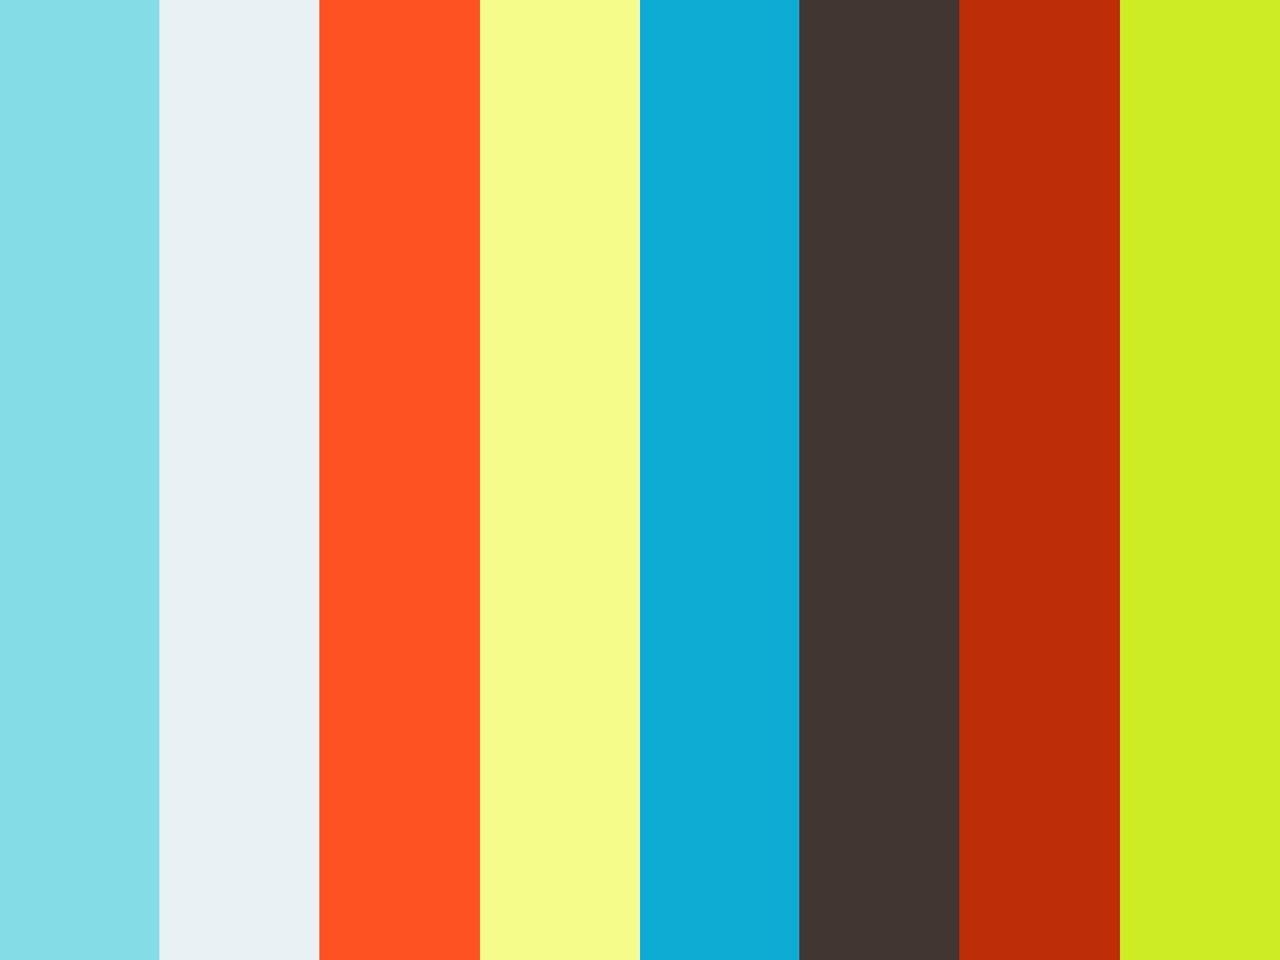 Hautsache - Von Farben und Narben